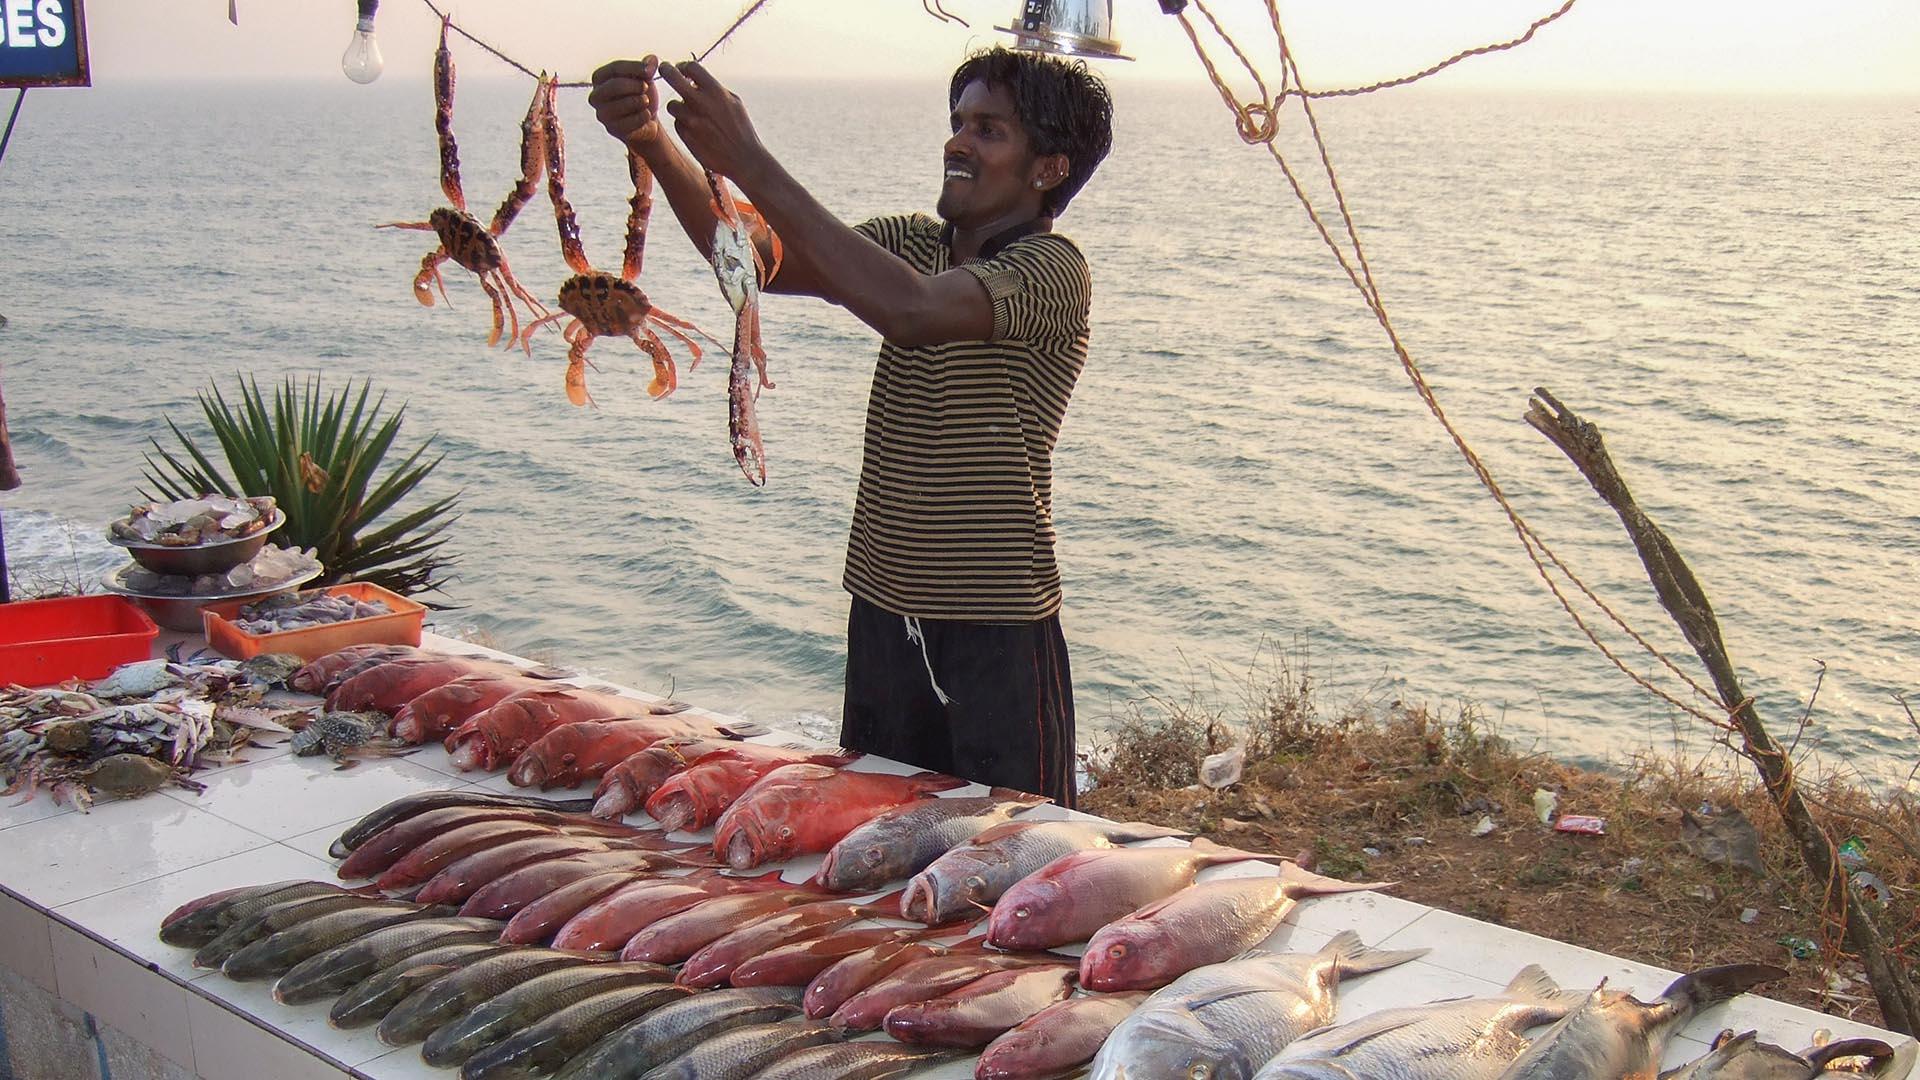 Akşam olunca balık tezgahları kuruluyor